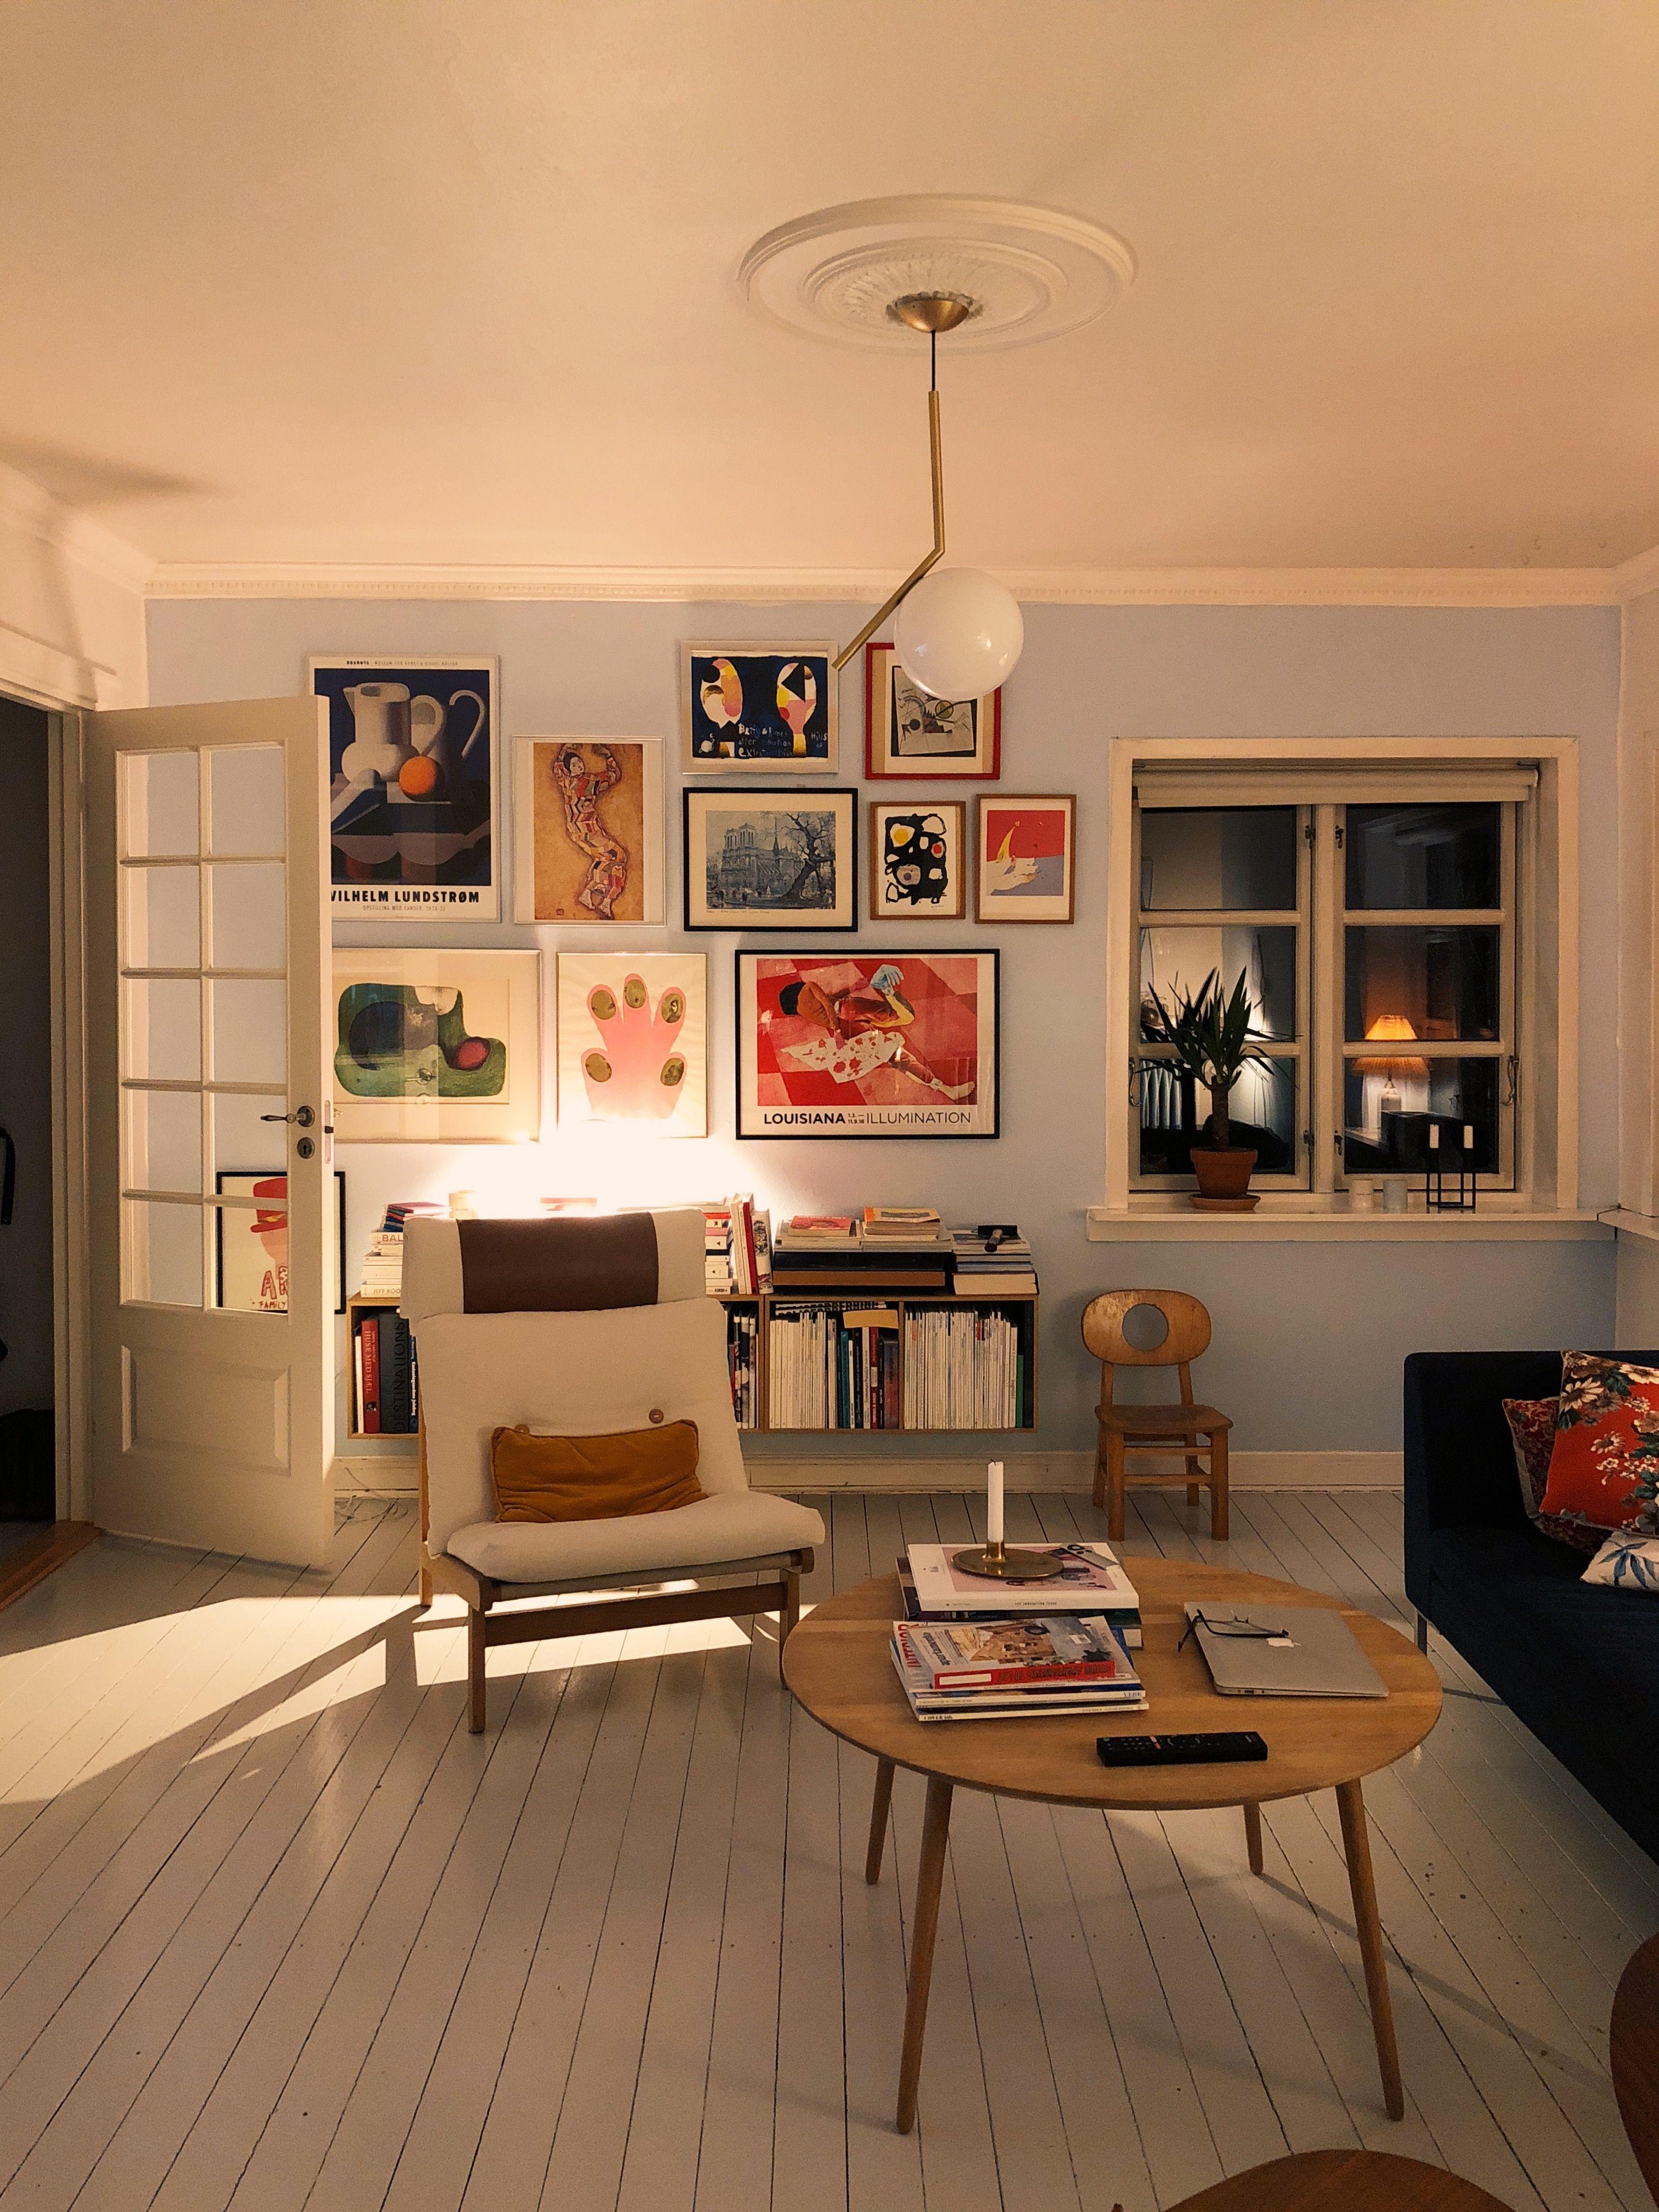 Den Ra Vaeg Er Vaek Og En Ny Laekker Farve Er Malet Home Decor Interior Home Deco